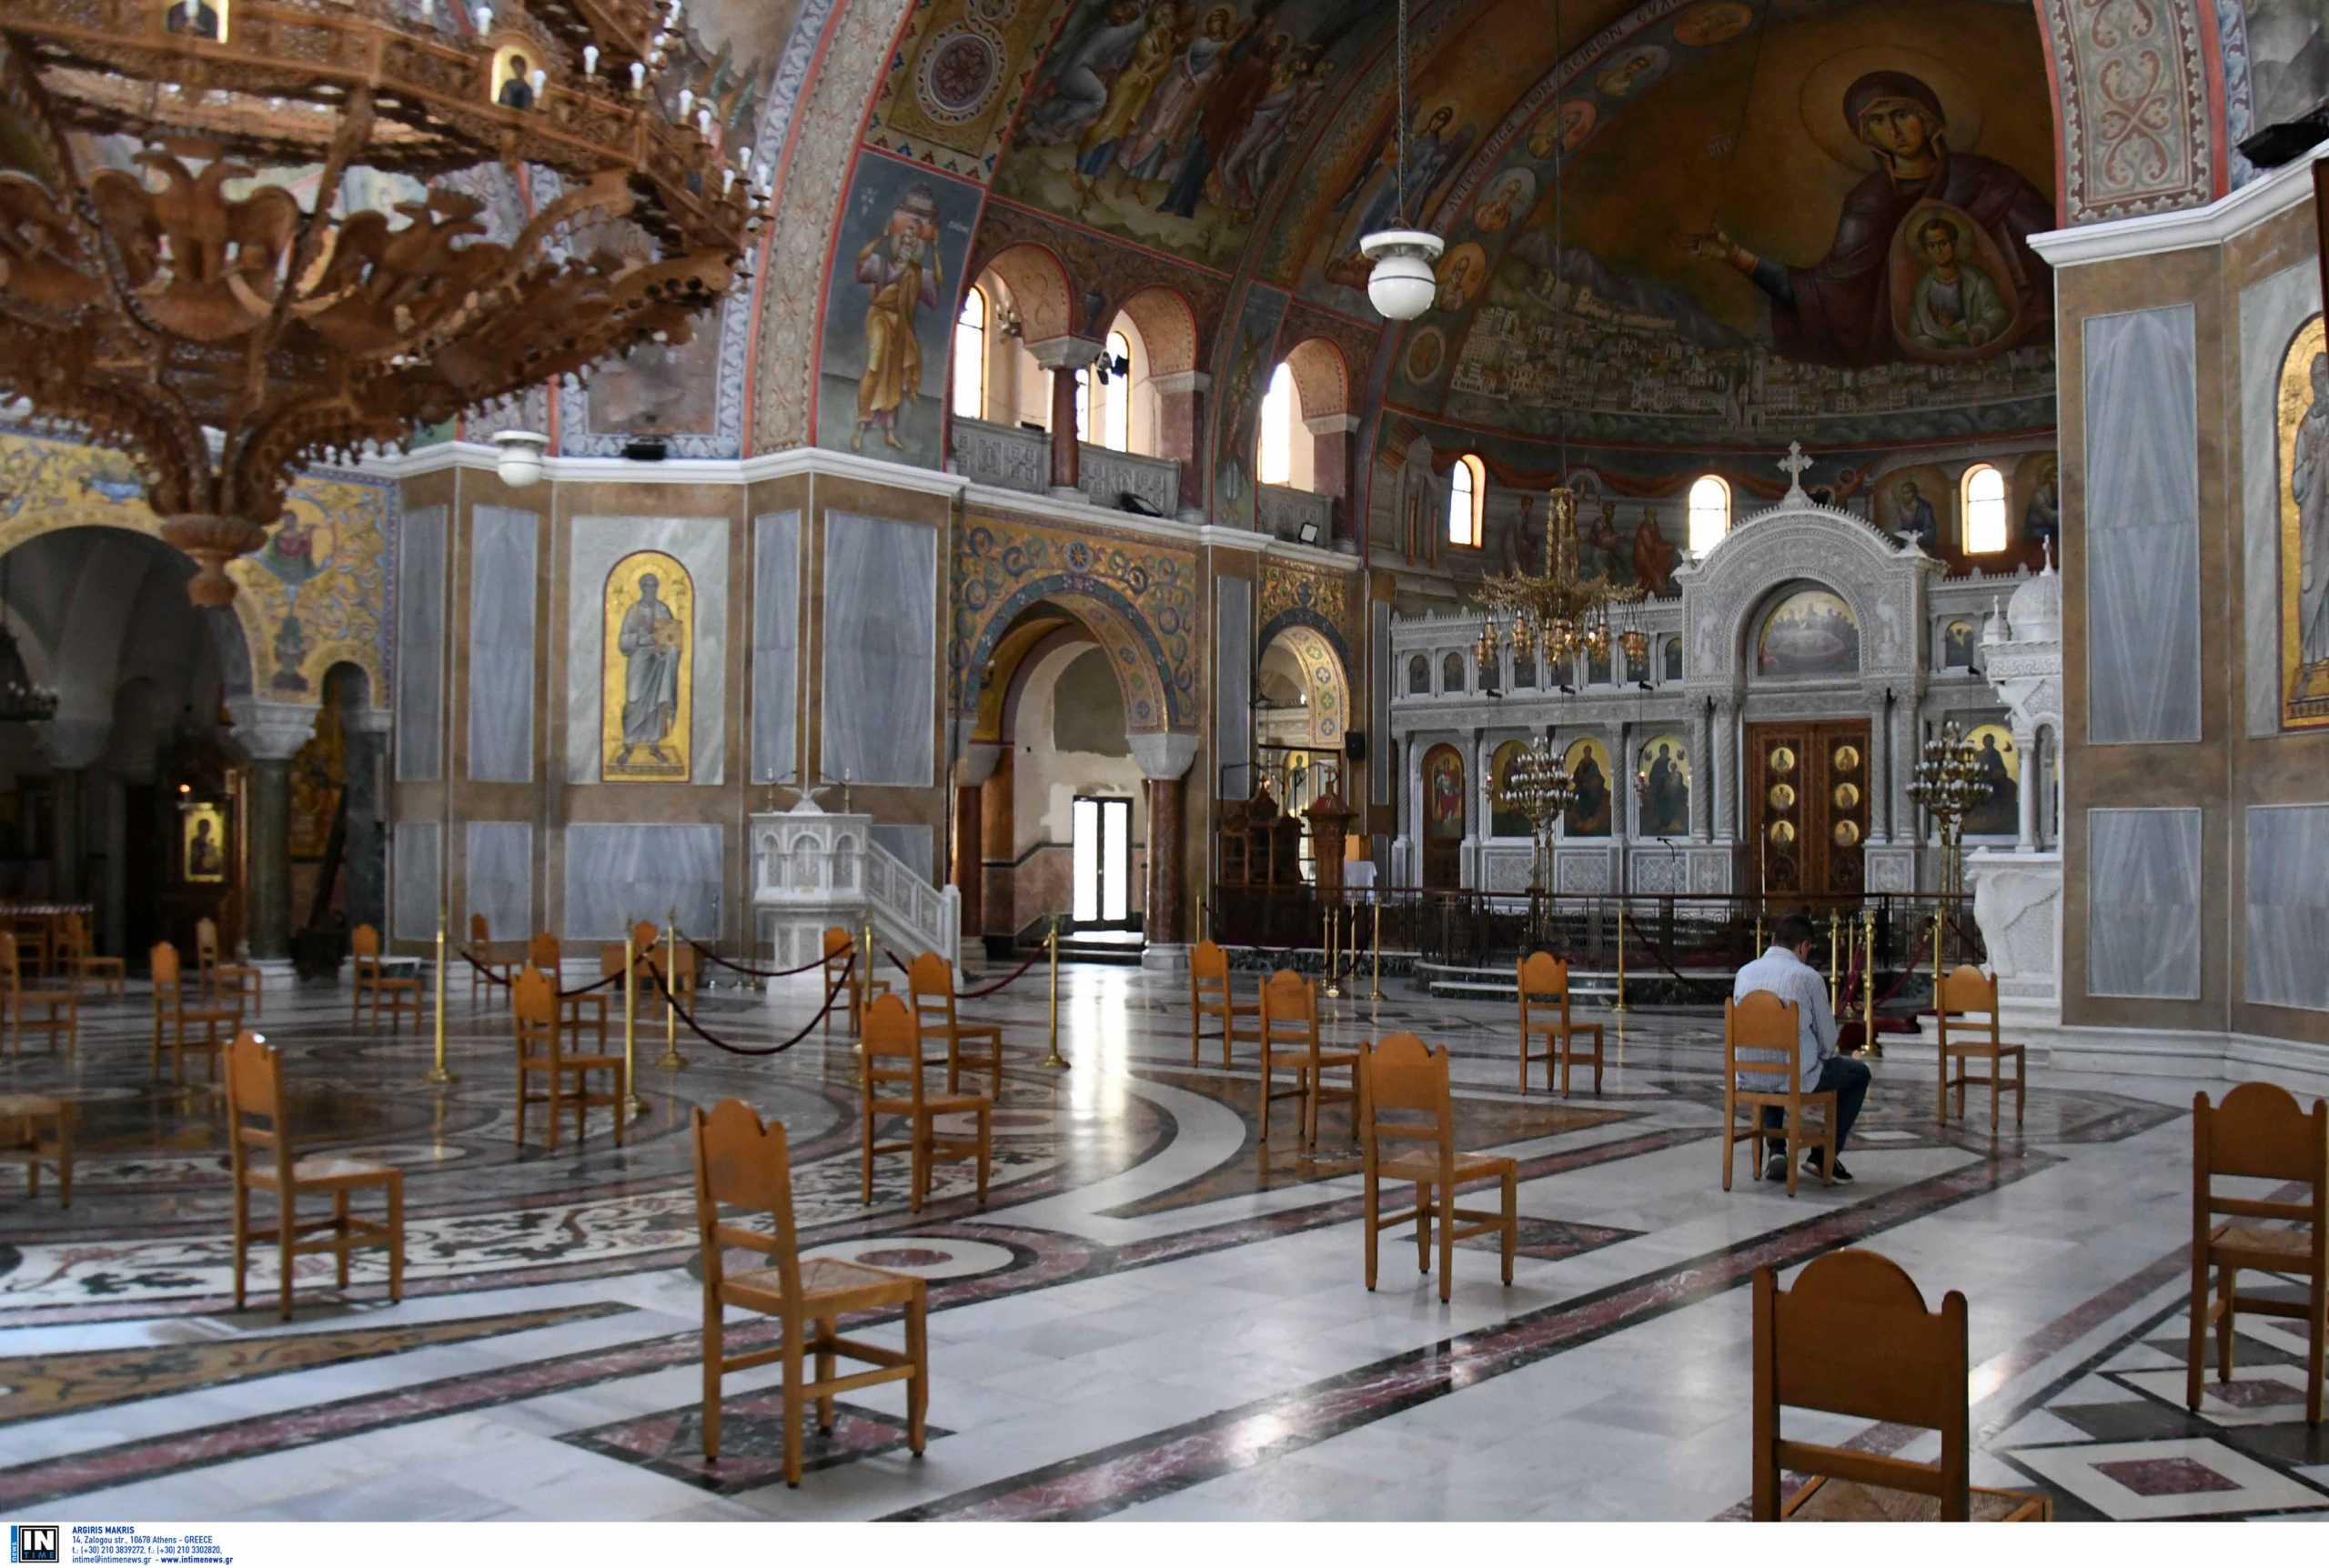 Lockdown στην Αττική: Πώς θα λειτουργούν οι εκκλησίες – Τι θα γίνει με κηδείες, γάμους, βαπτίσεις